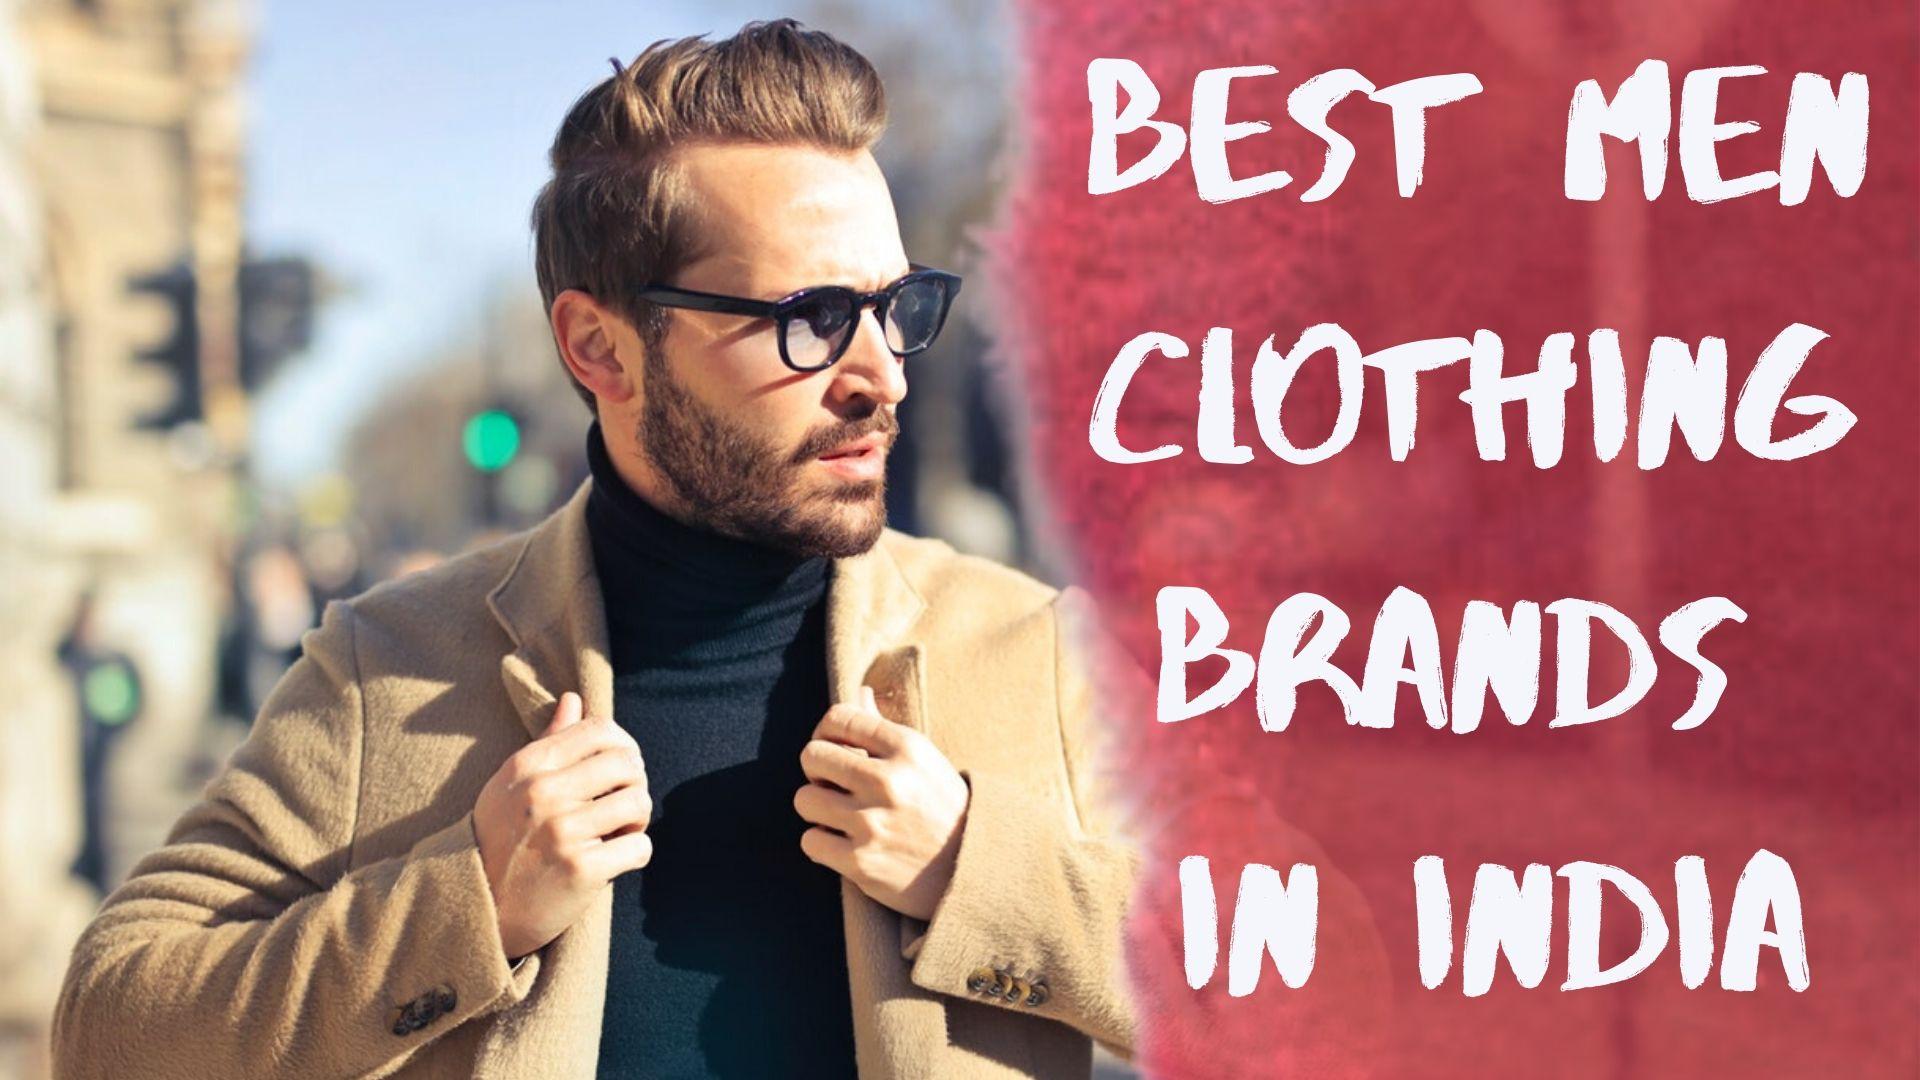 Best Men Clothing Brands In India